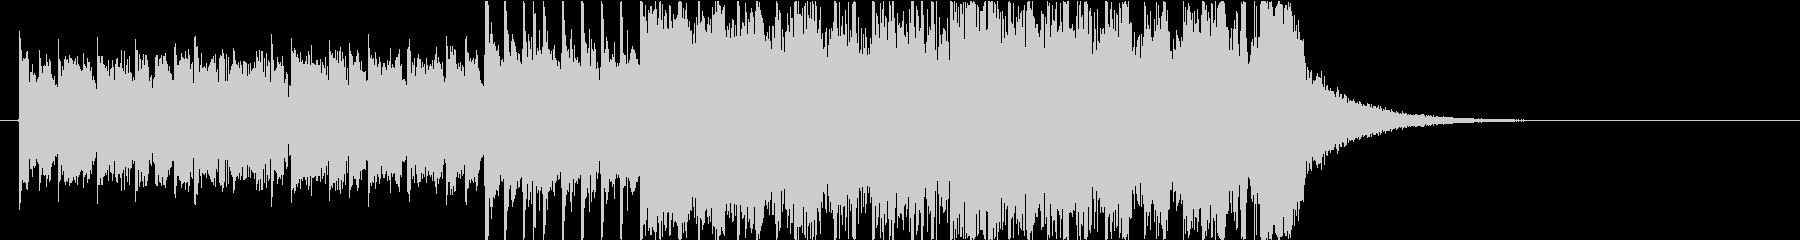 メタル系なアイキャッチBGMの未再生の波形